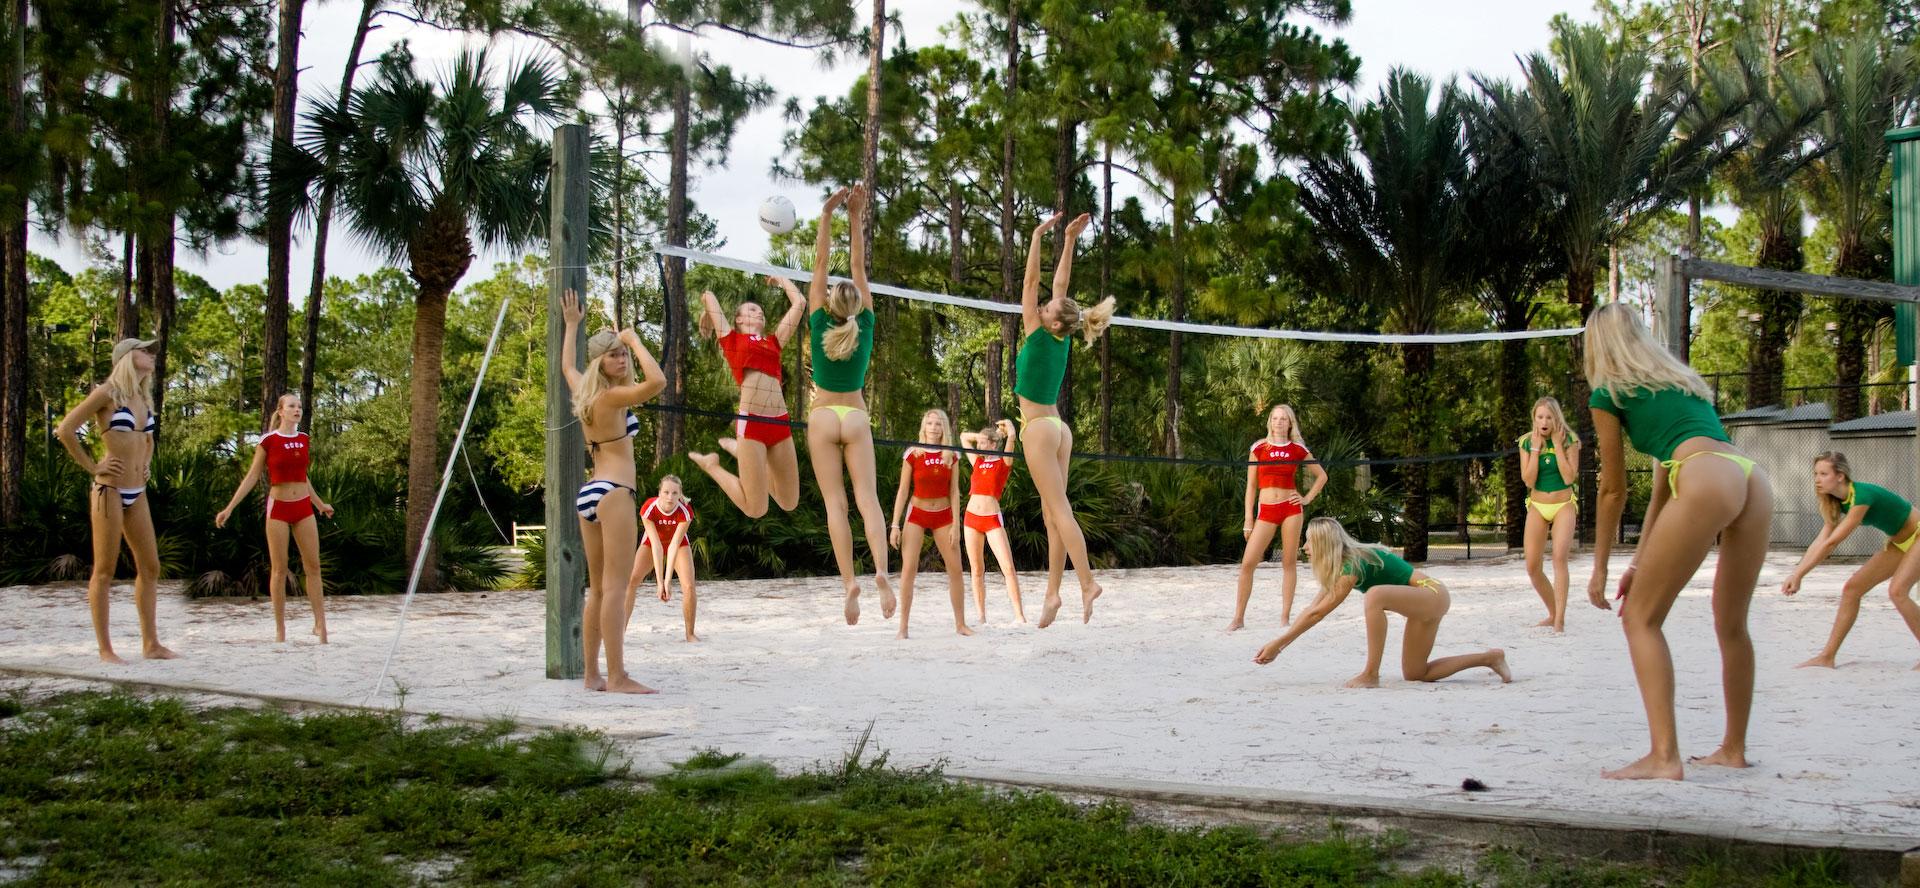 Сексуальные девчонки волейбол 24 фотография